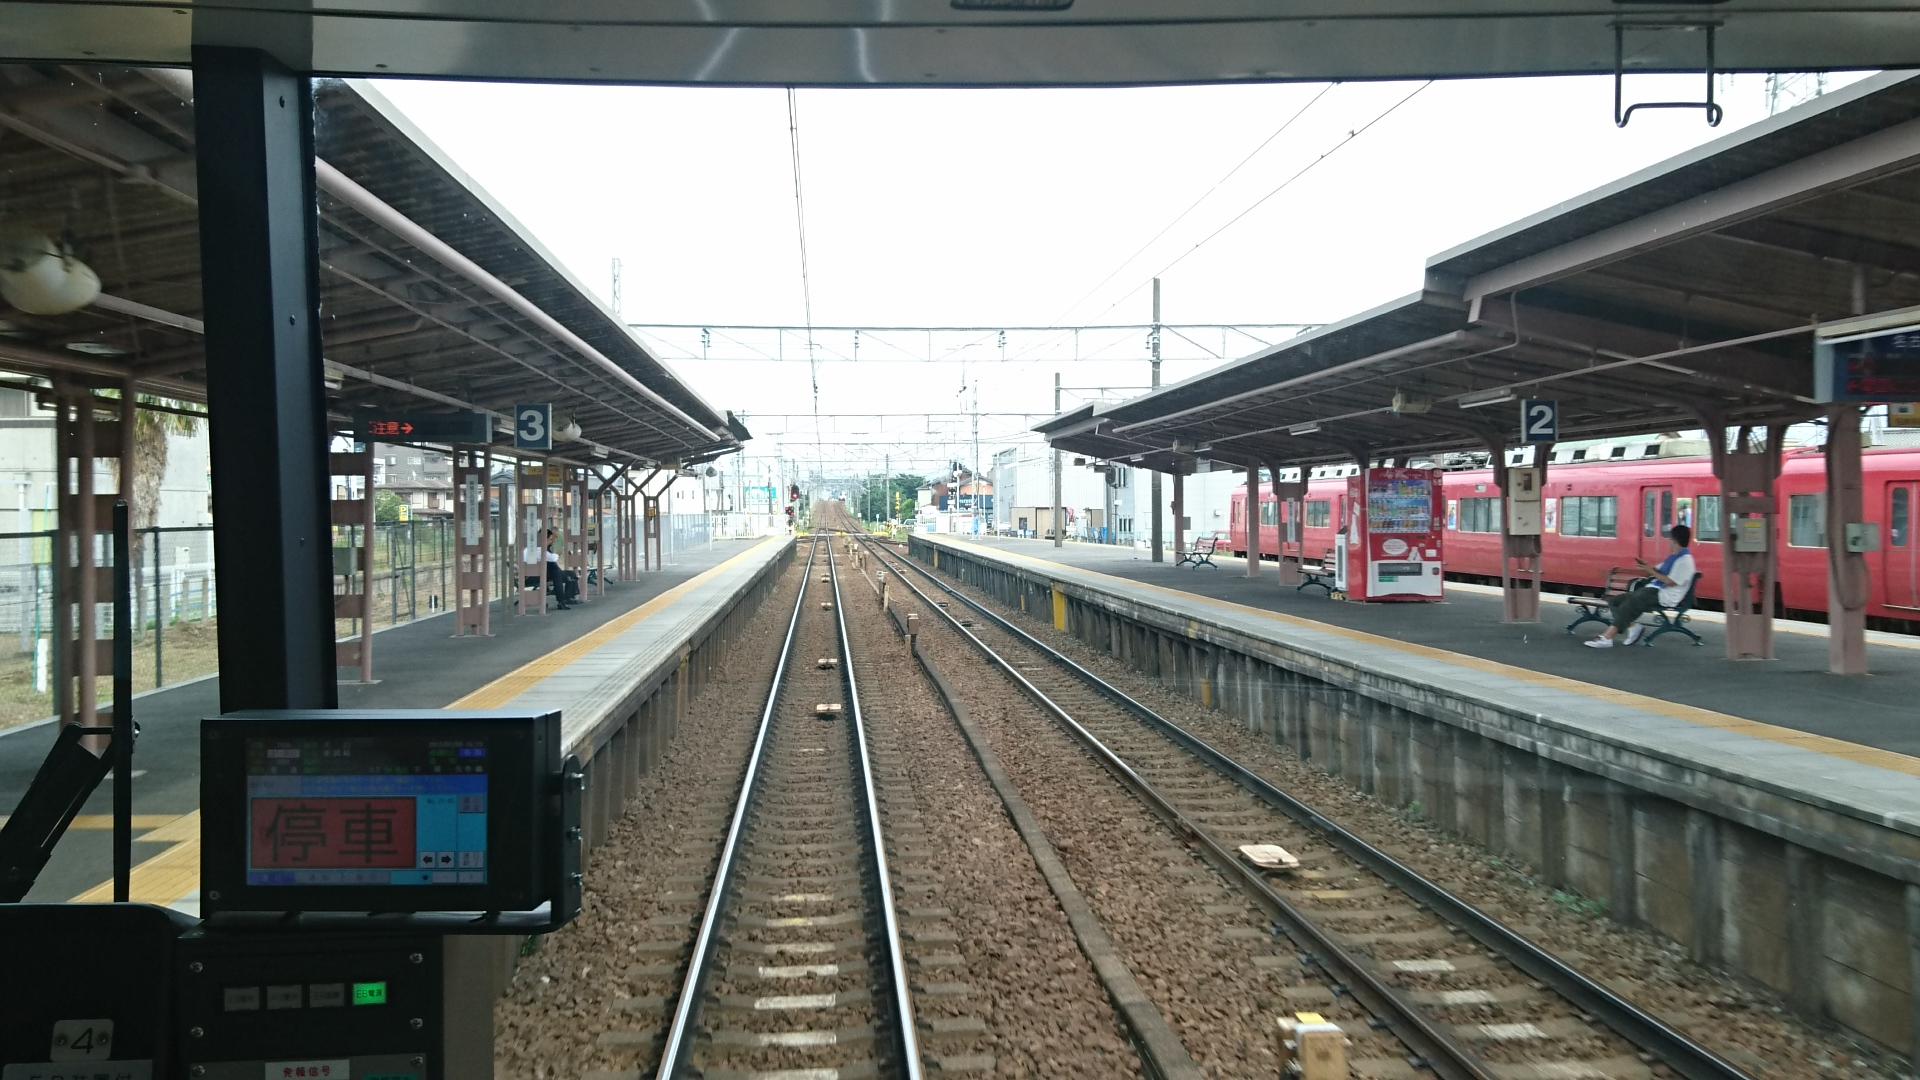 2017.7.9 名鉄 (16) 東岡崎いきふつう - 矢作橋 1920-1080